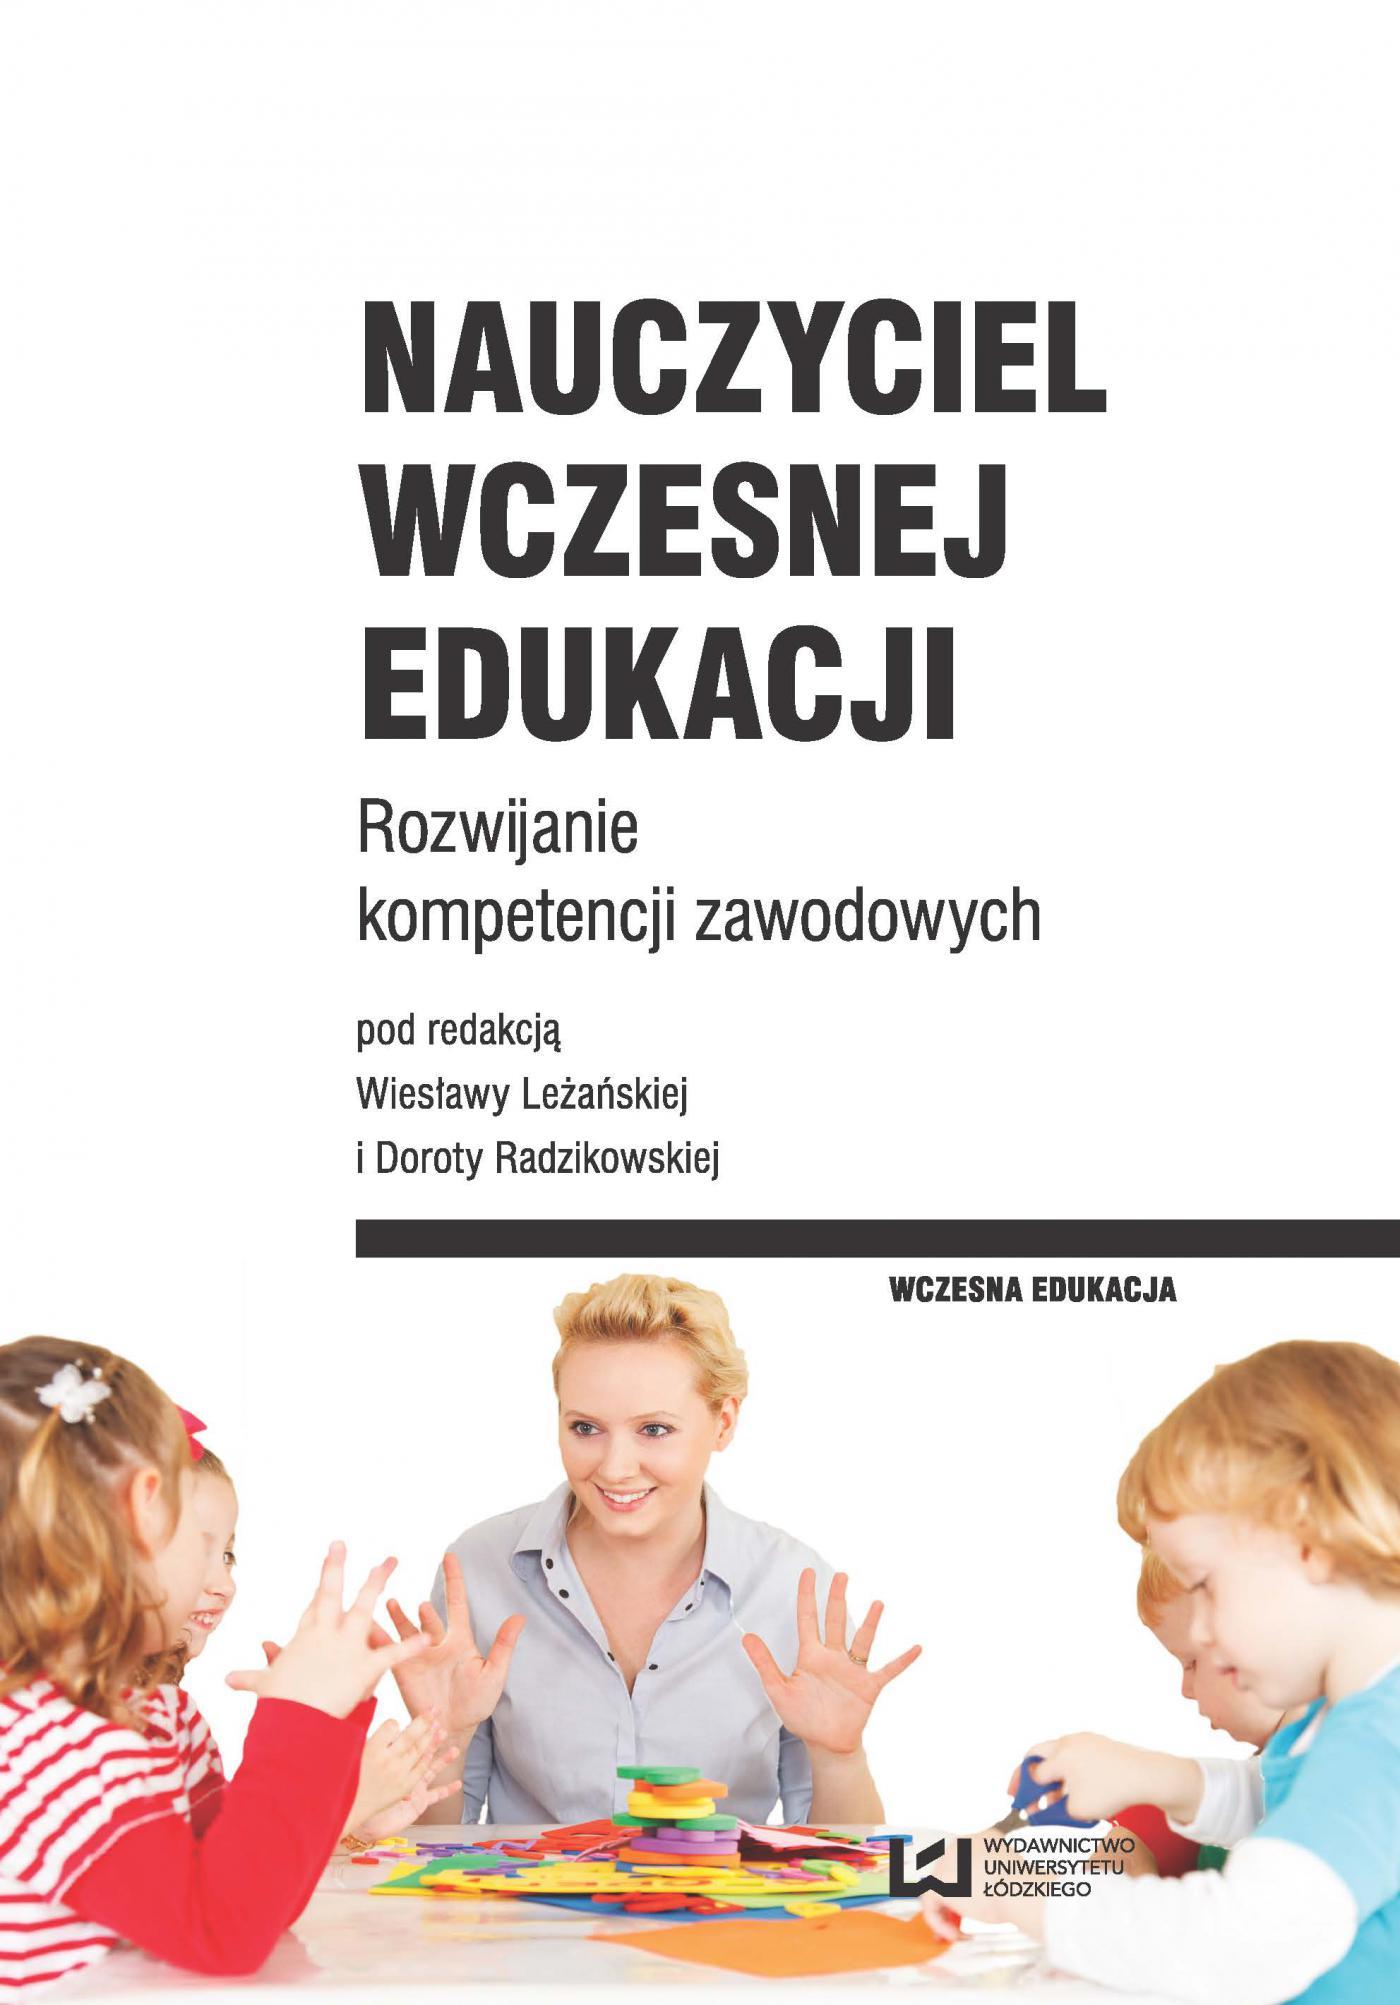 Nauczyciel wczesnej edukacji. Rozwijanie kompetencji zawodowych - Ebook (Książka PDF) do pobrania w formacie PDF